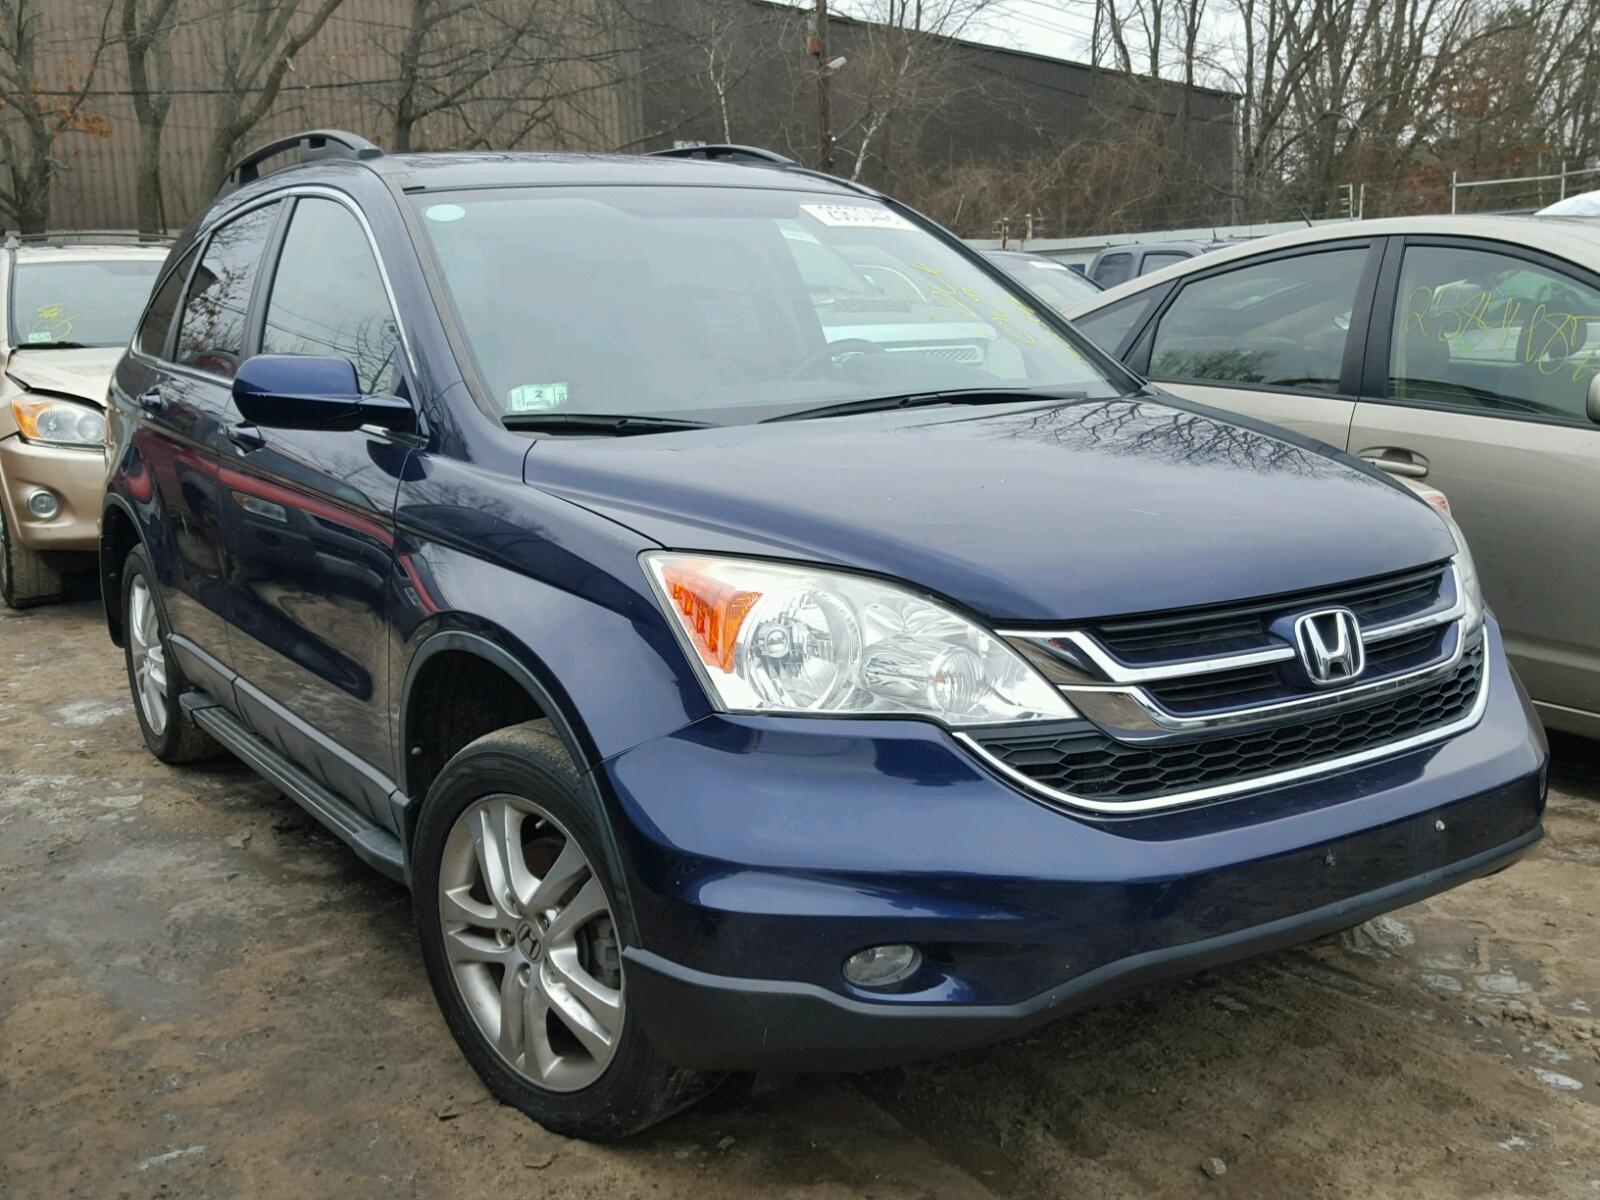 2011 HONDA CR-V EXL 2.4L